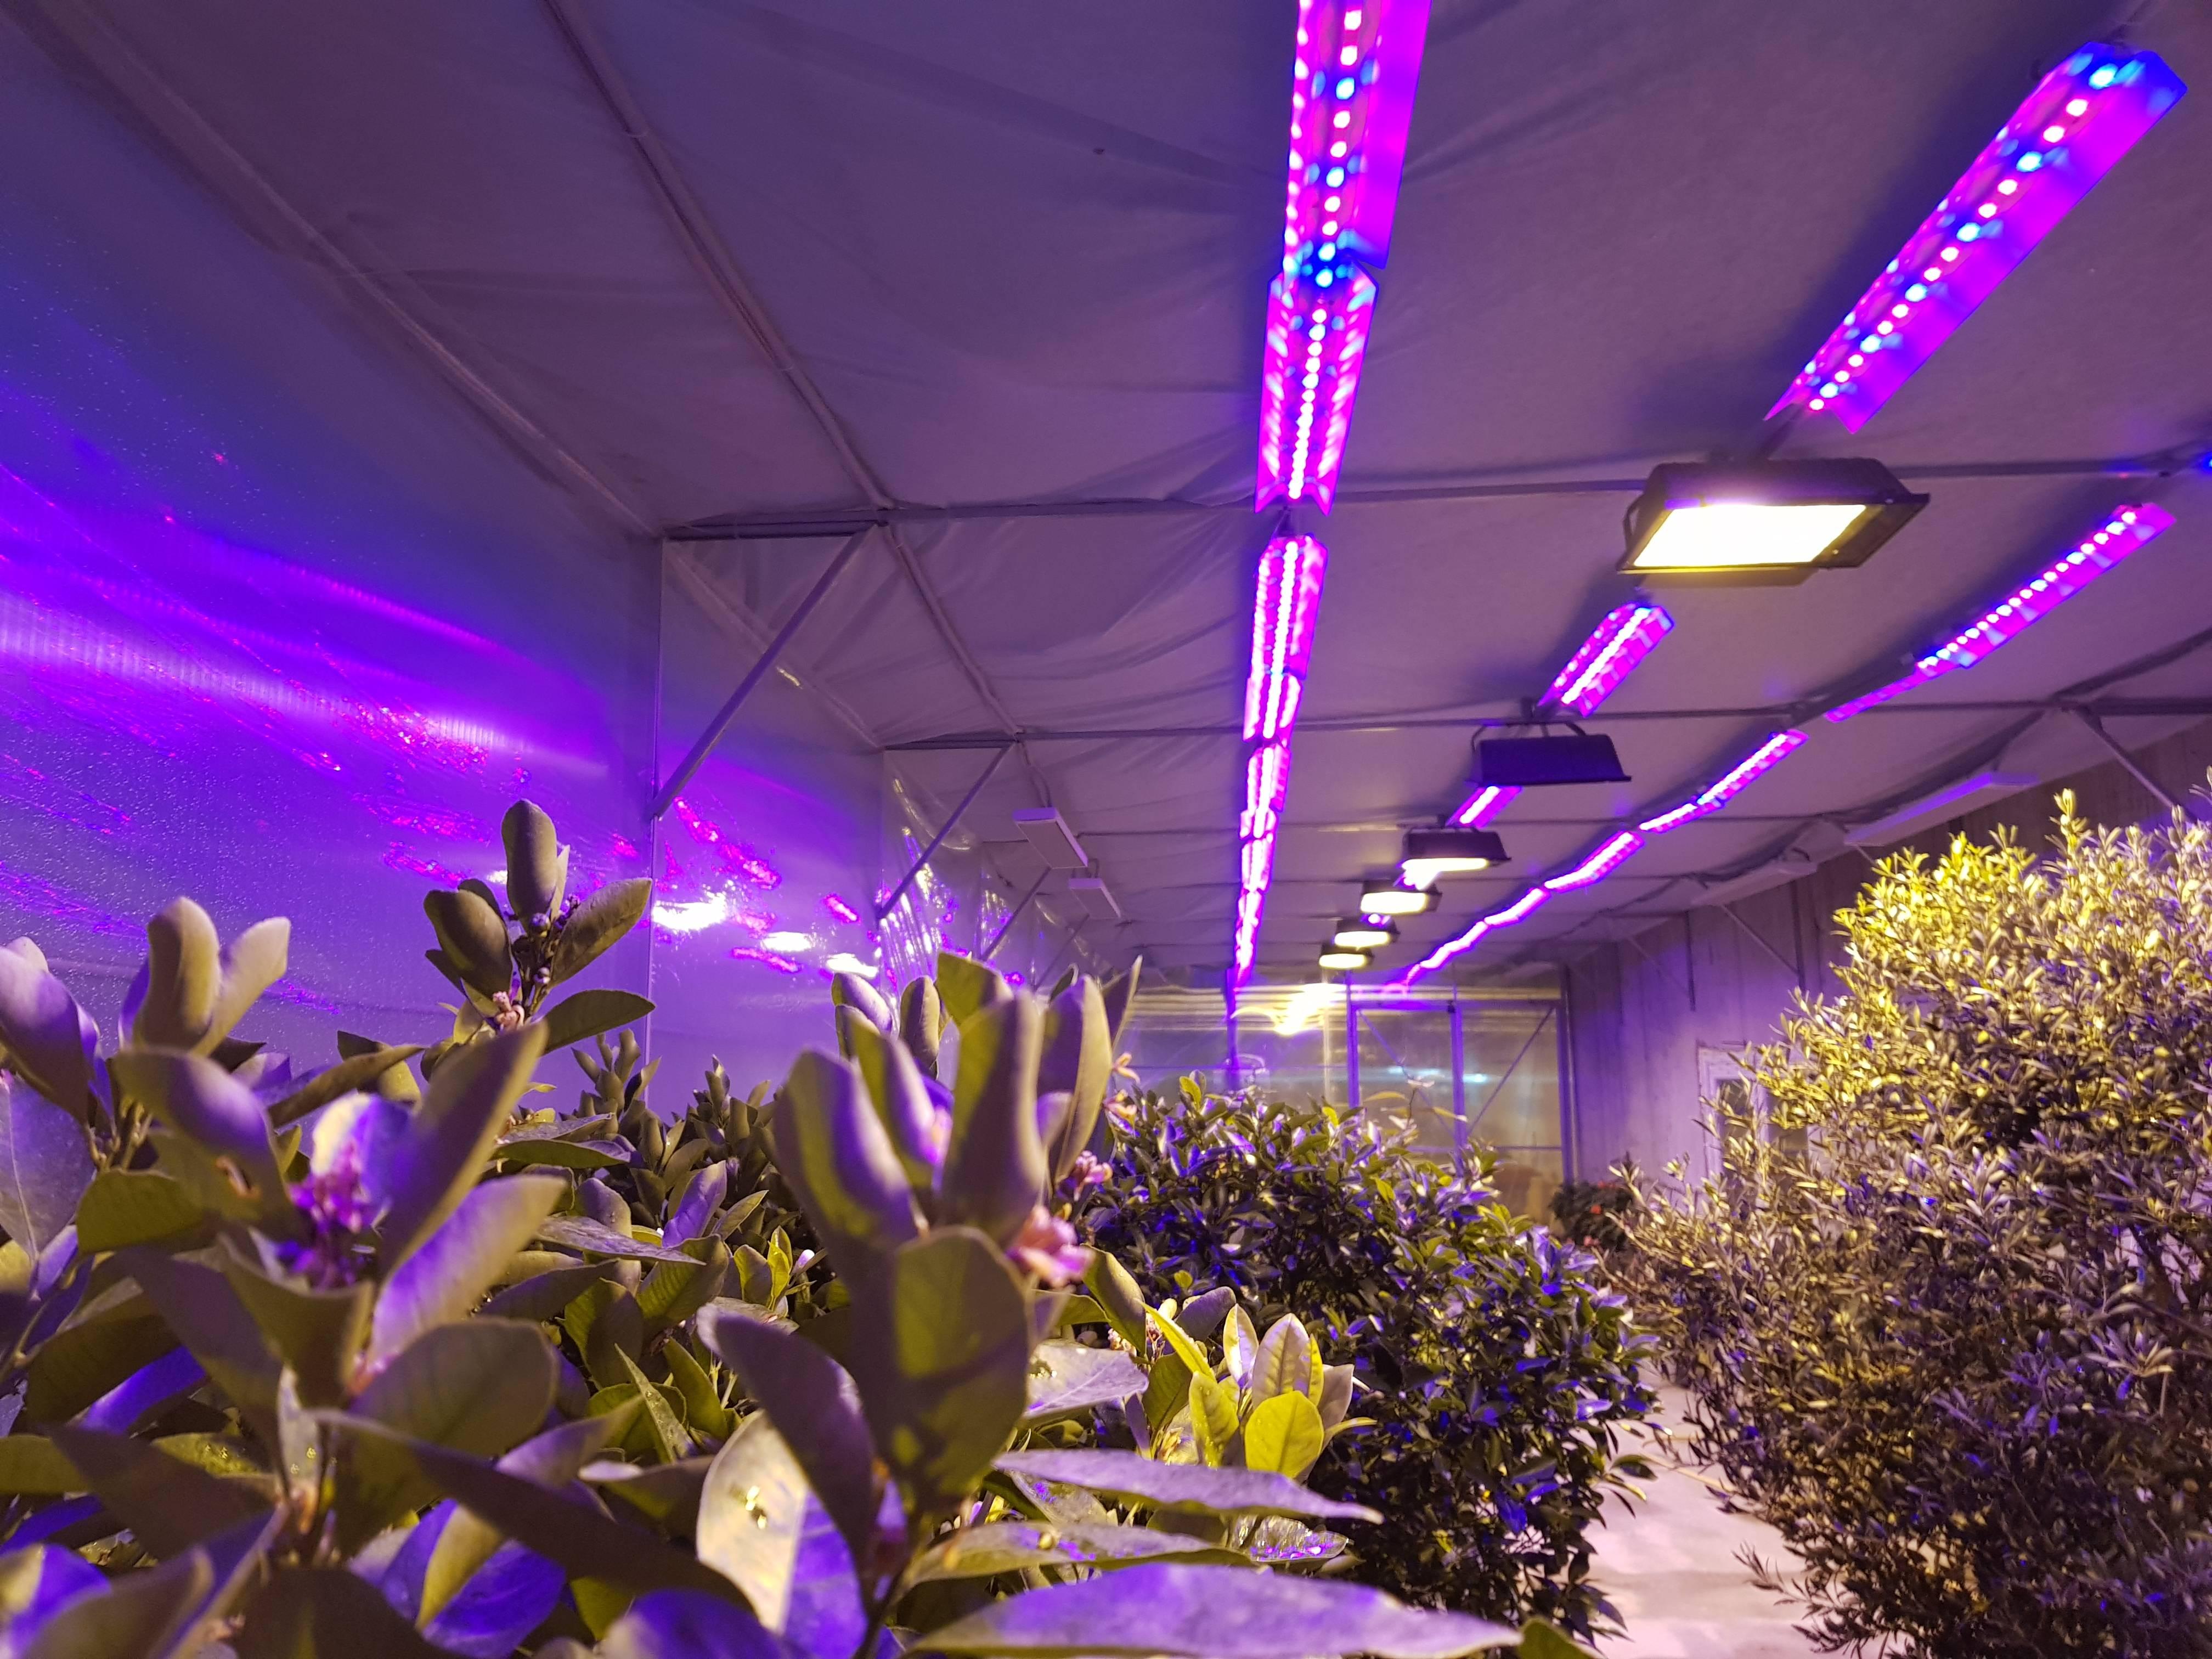 Лампы для теплиц: инфракрасные и светодиодные тепличные светильники, какие выбрать, освещение натриевыми фонарями и электролампами дневного света